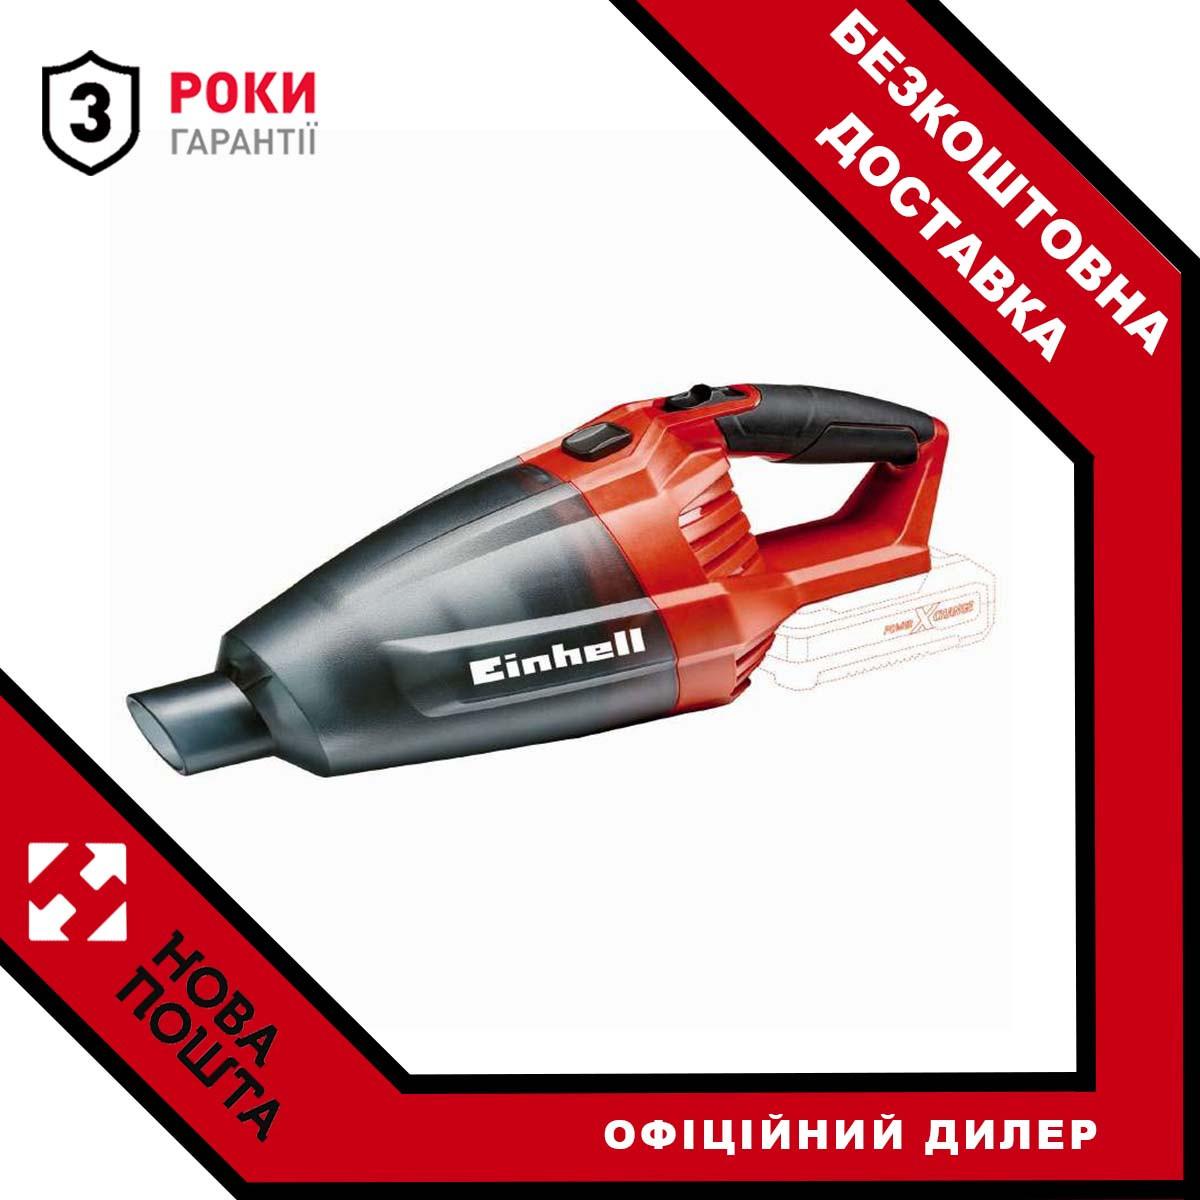 Пылесос аккумуляторный Einhell TE-VC 18 Li Solo (2347120)